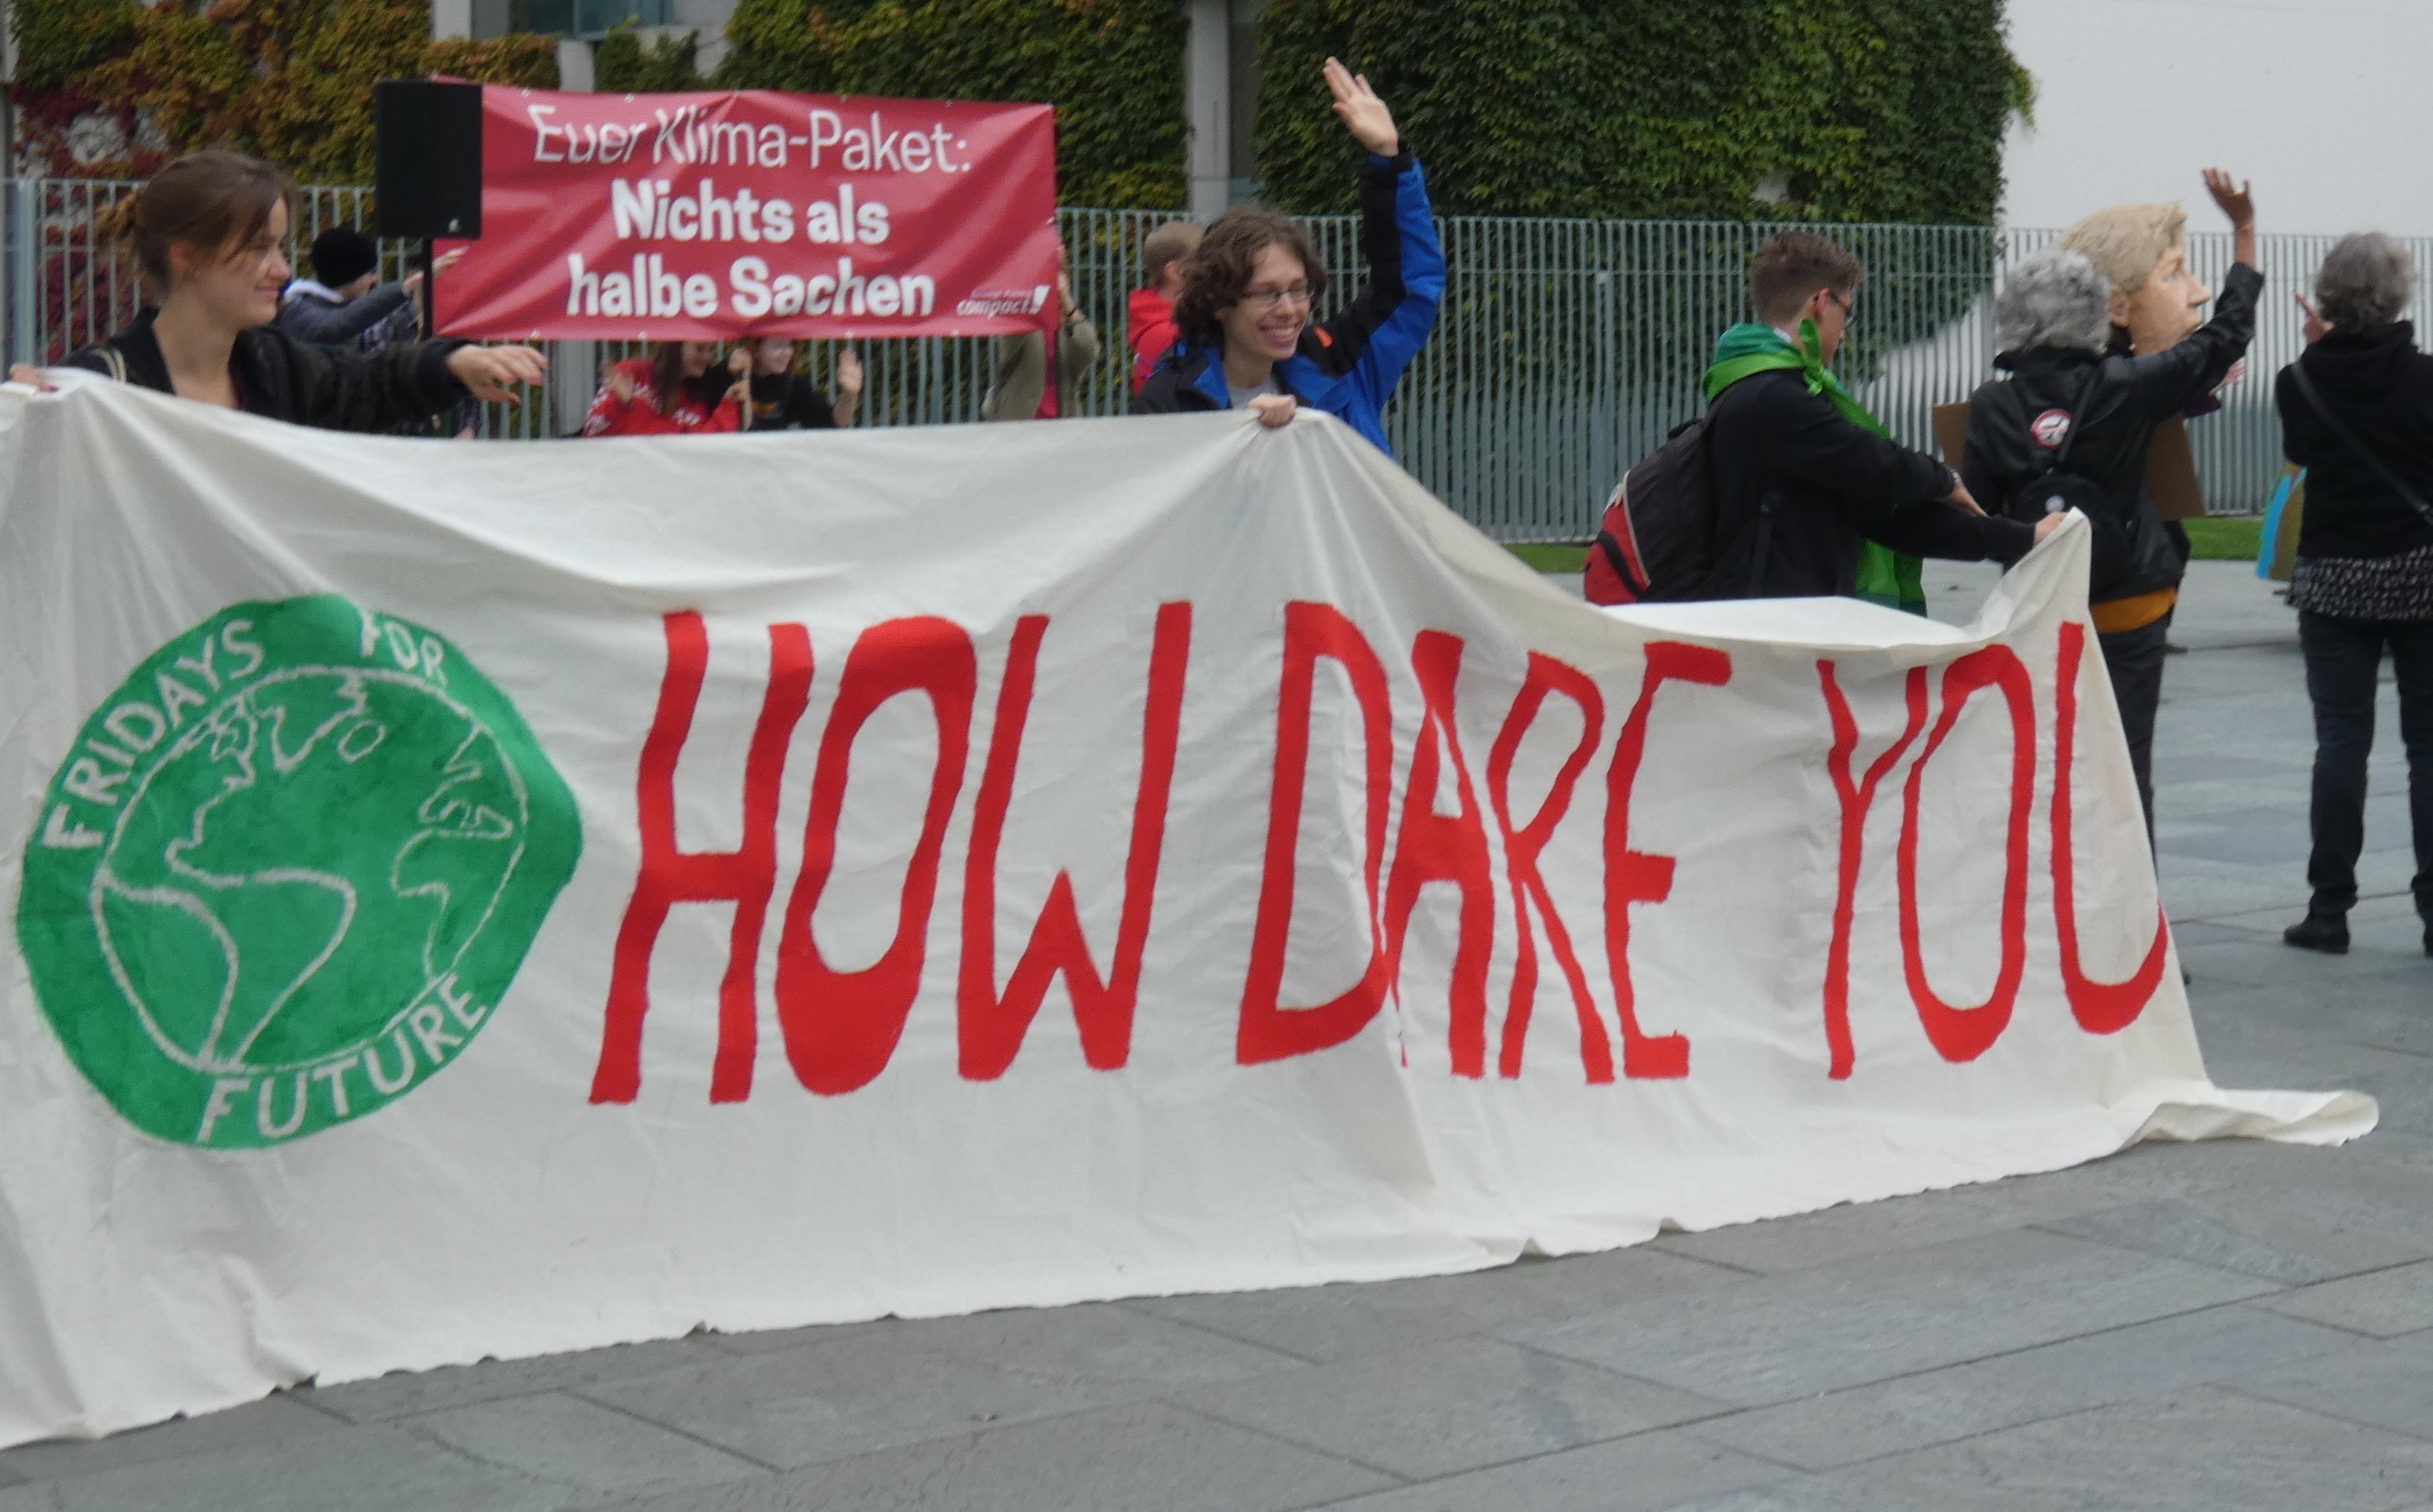 File:Protest gegen das Klimapaket 2019-09-25 16 (cropped).jpg - Wikimedia  Commons